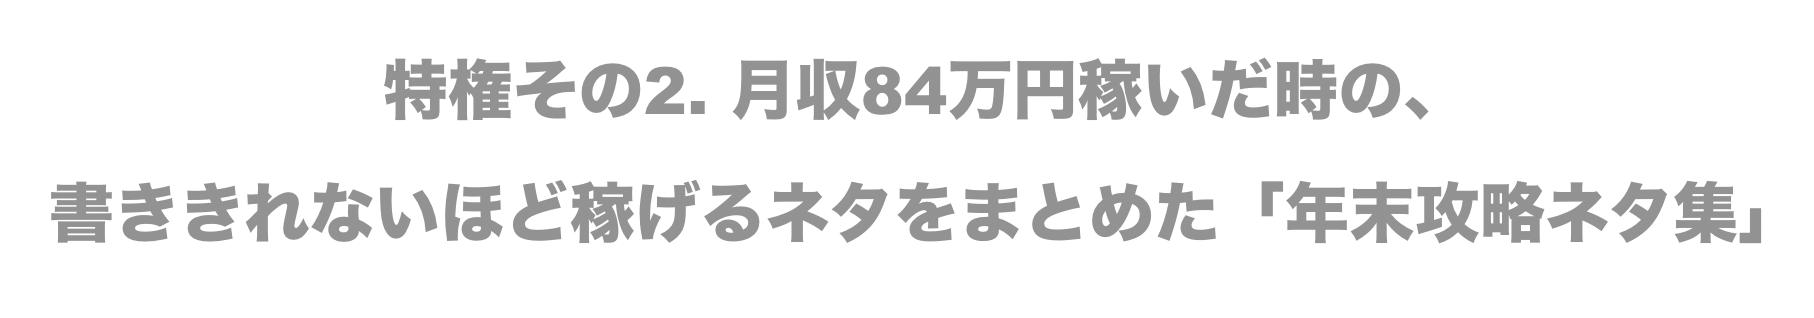 スクリーンショット 2020-07-28 23.41.14